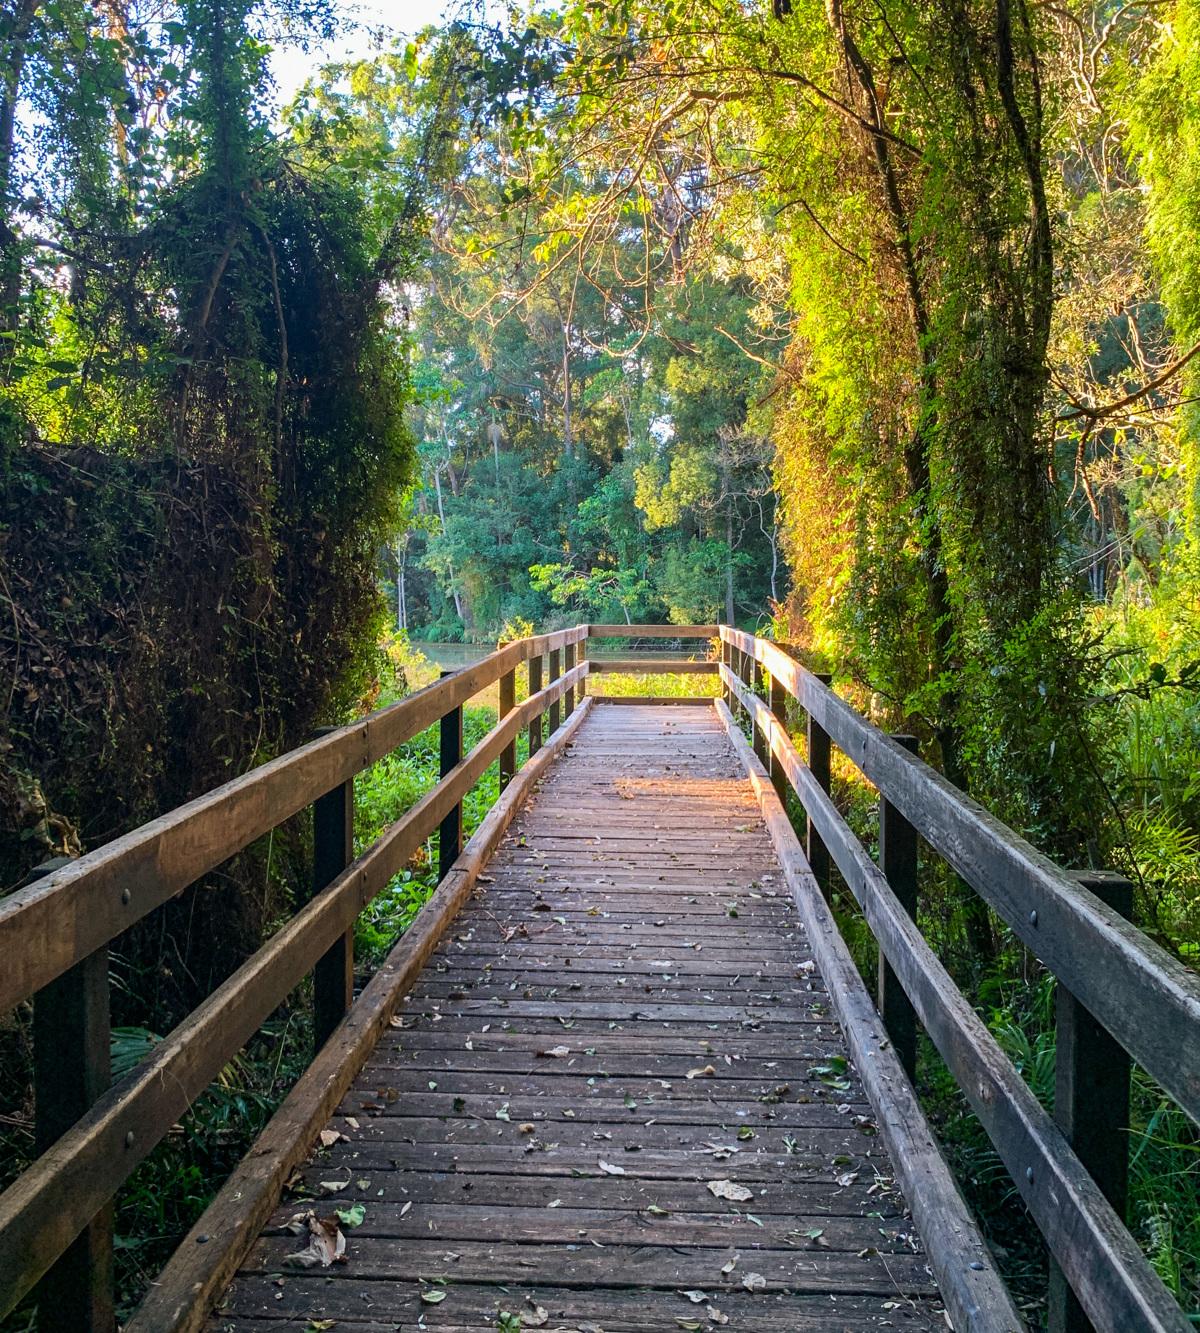 Trail Image for Kolora Park & Bushland Conservation Reserve